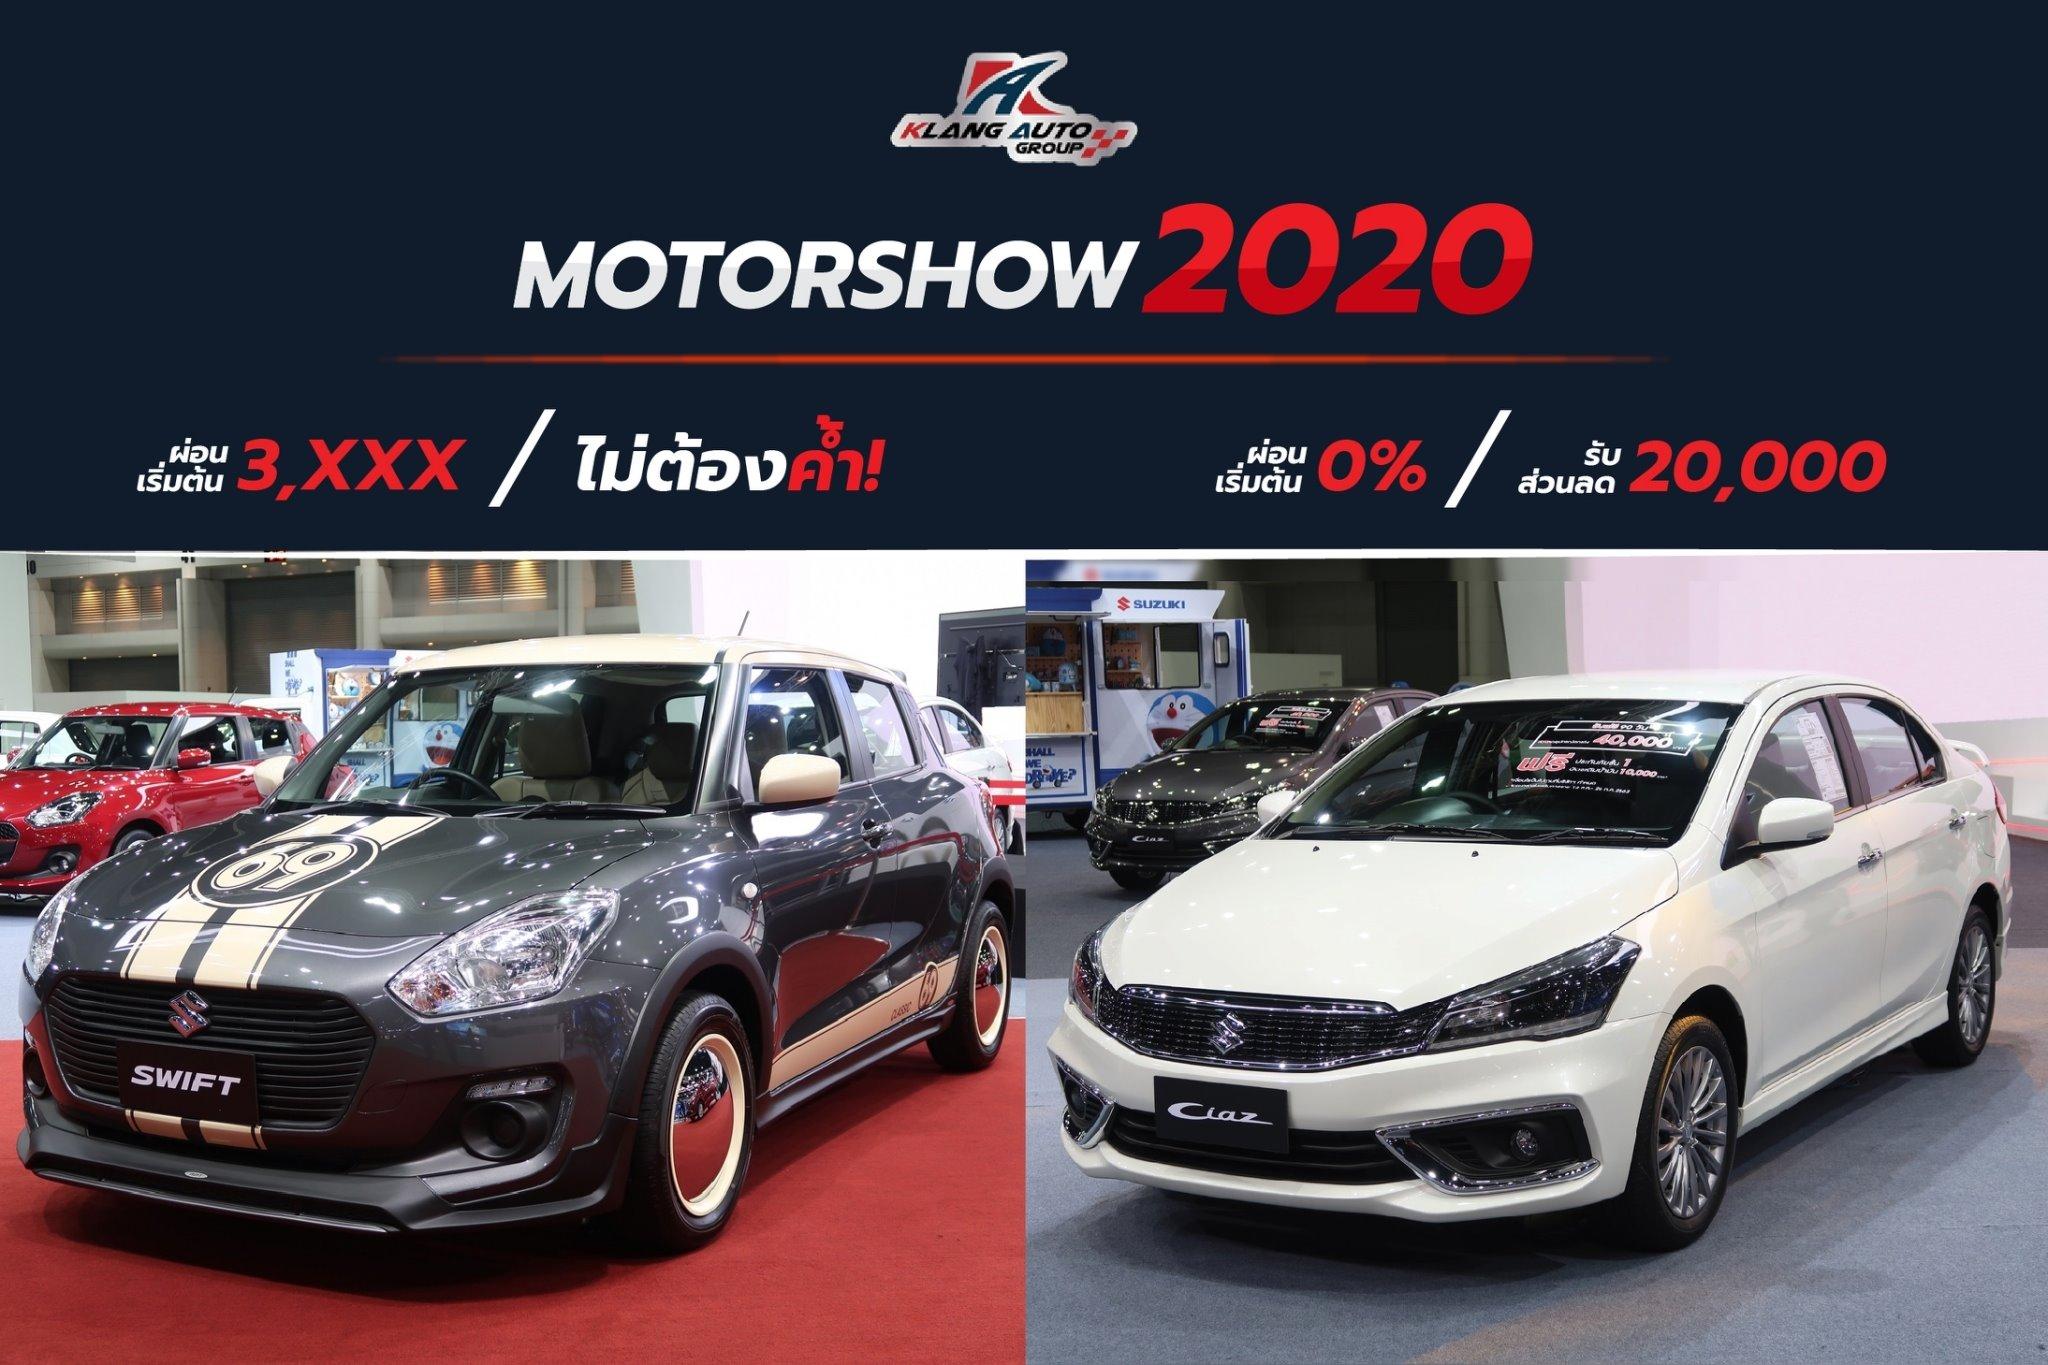 ออกรถที่ ซูซูกิ คลังออโตฯ วันนี้ รับสิทธิพิเศษมากมายข้อเสนอเดียวกับ Motor Show 2020